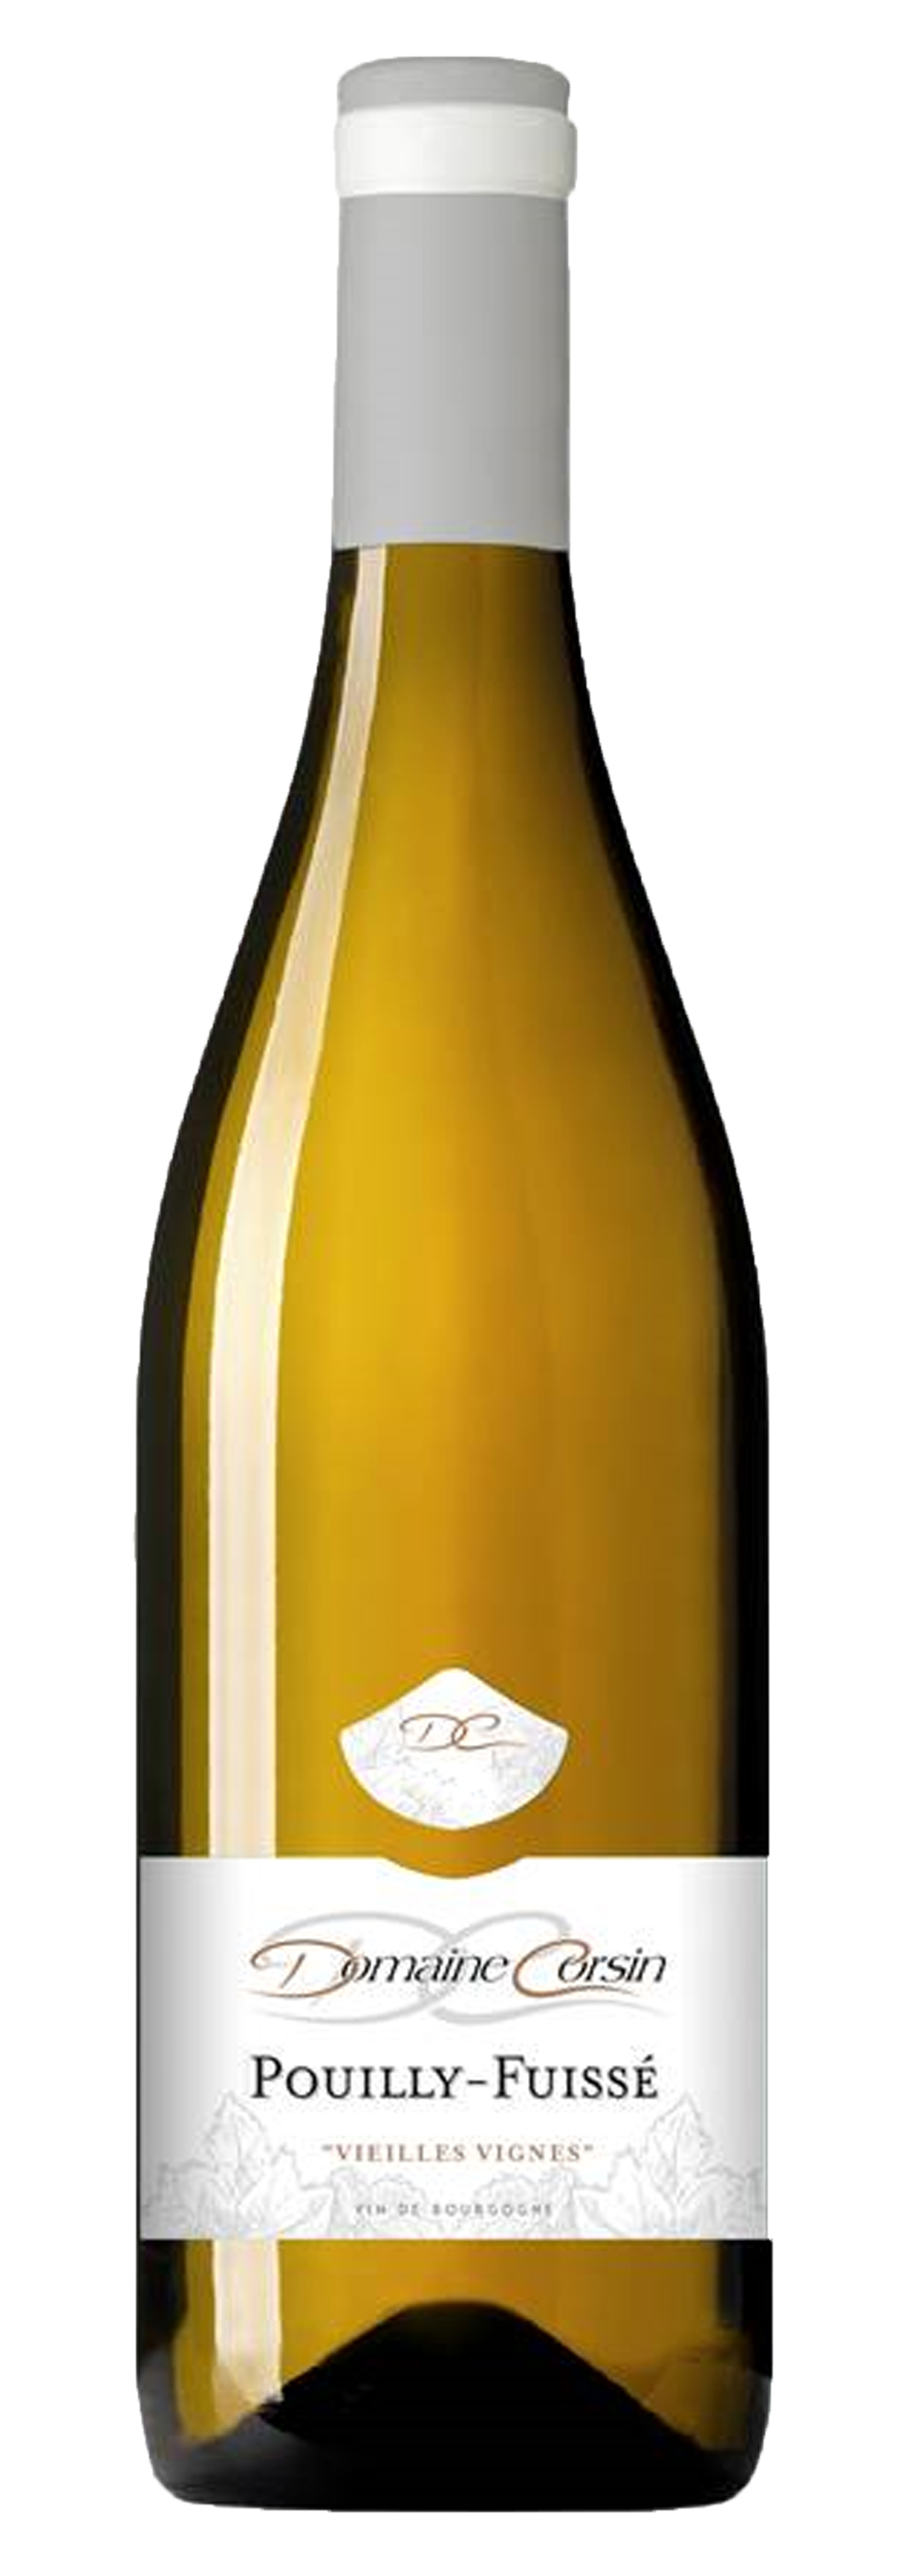 Domaine Corsin, Pouilly-Fuissé Vieilles Vignes 2015